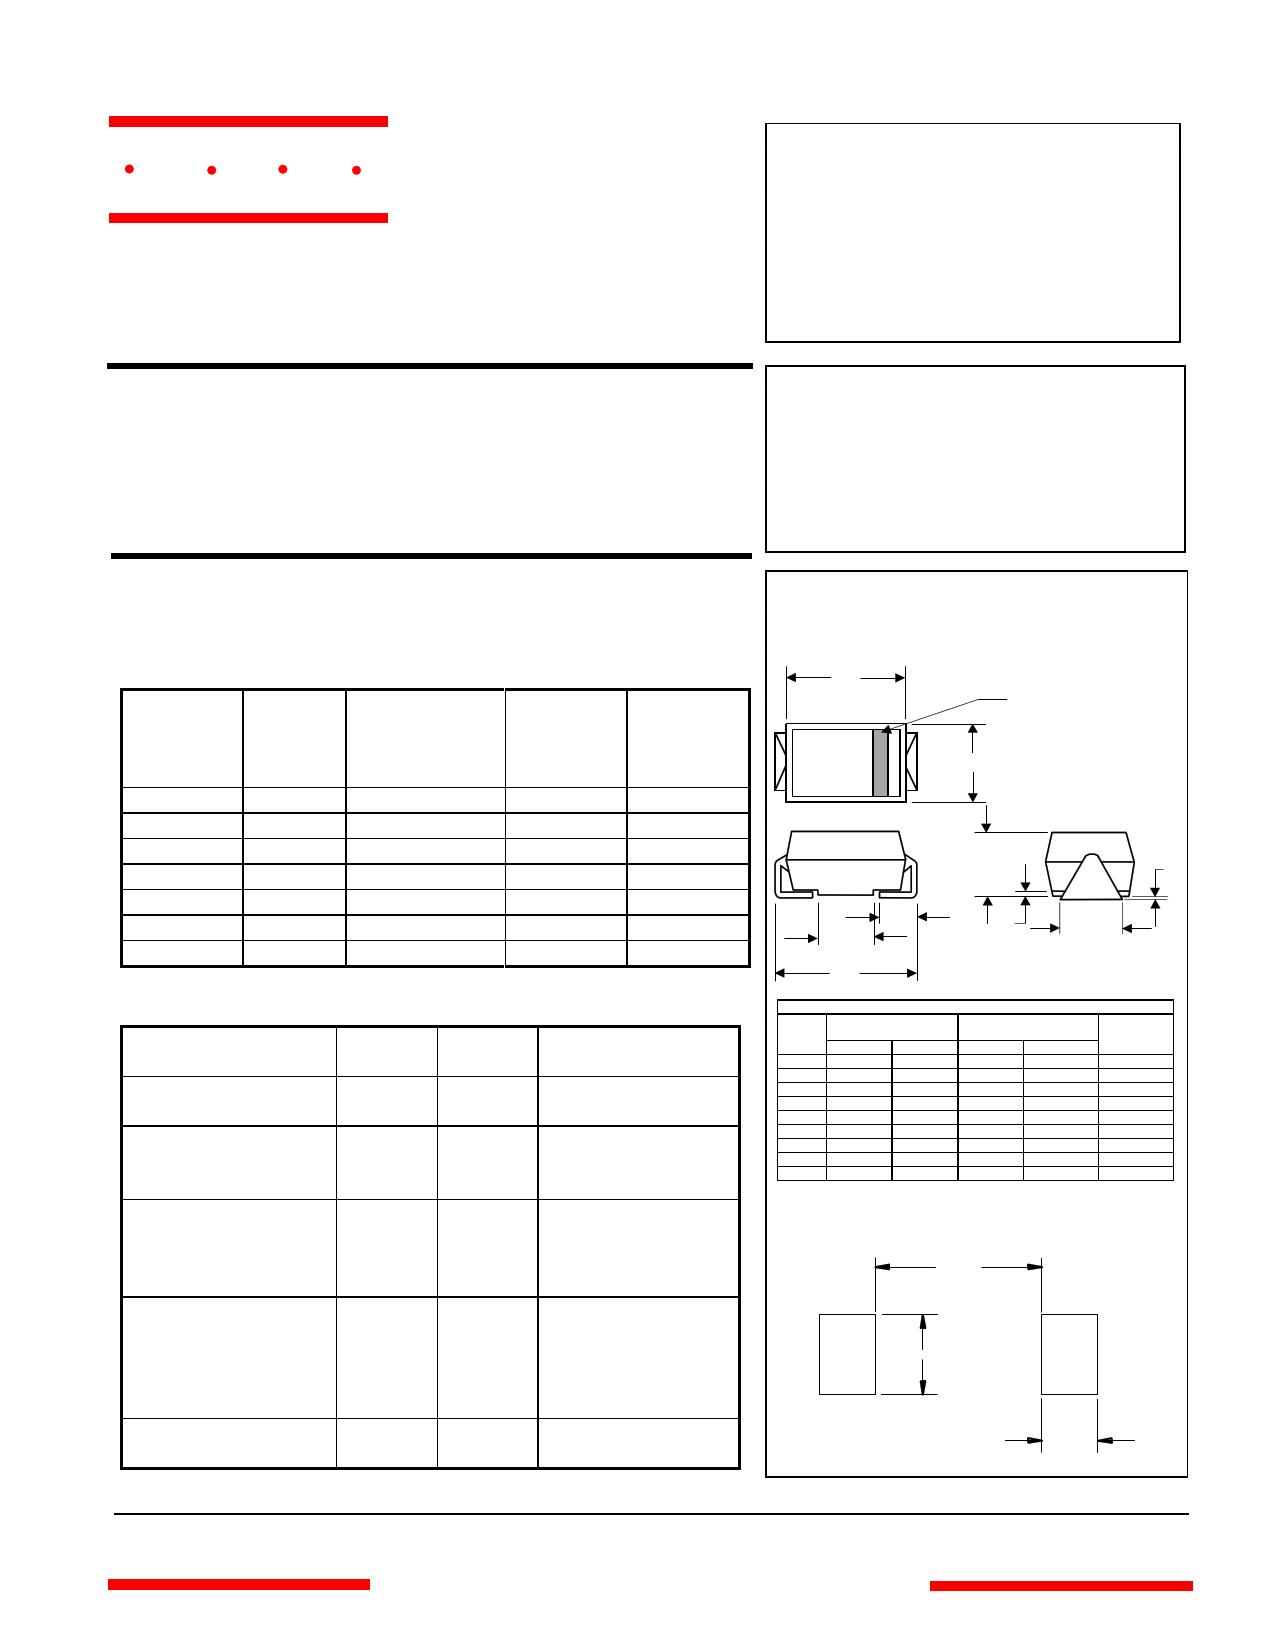 FR2B datasheet